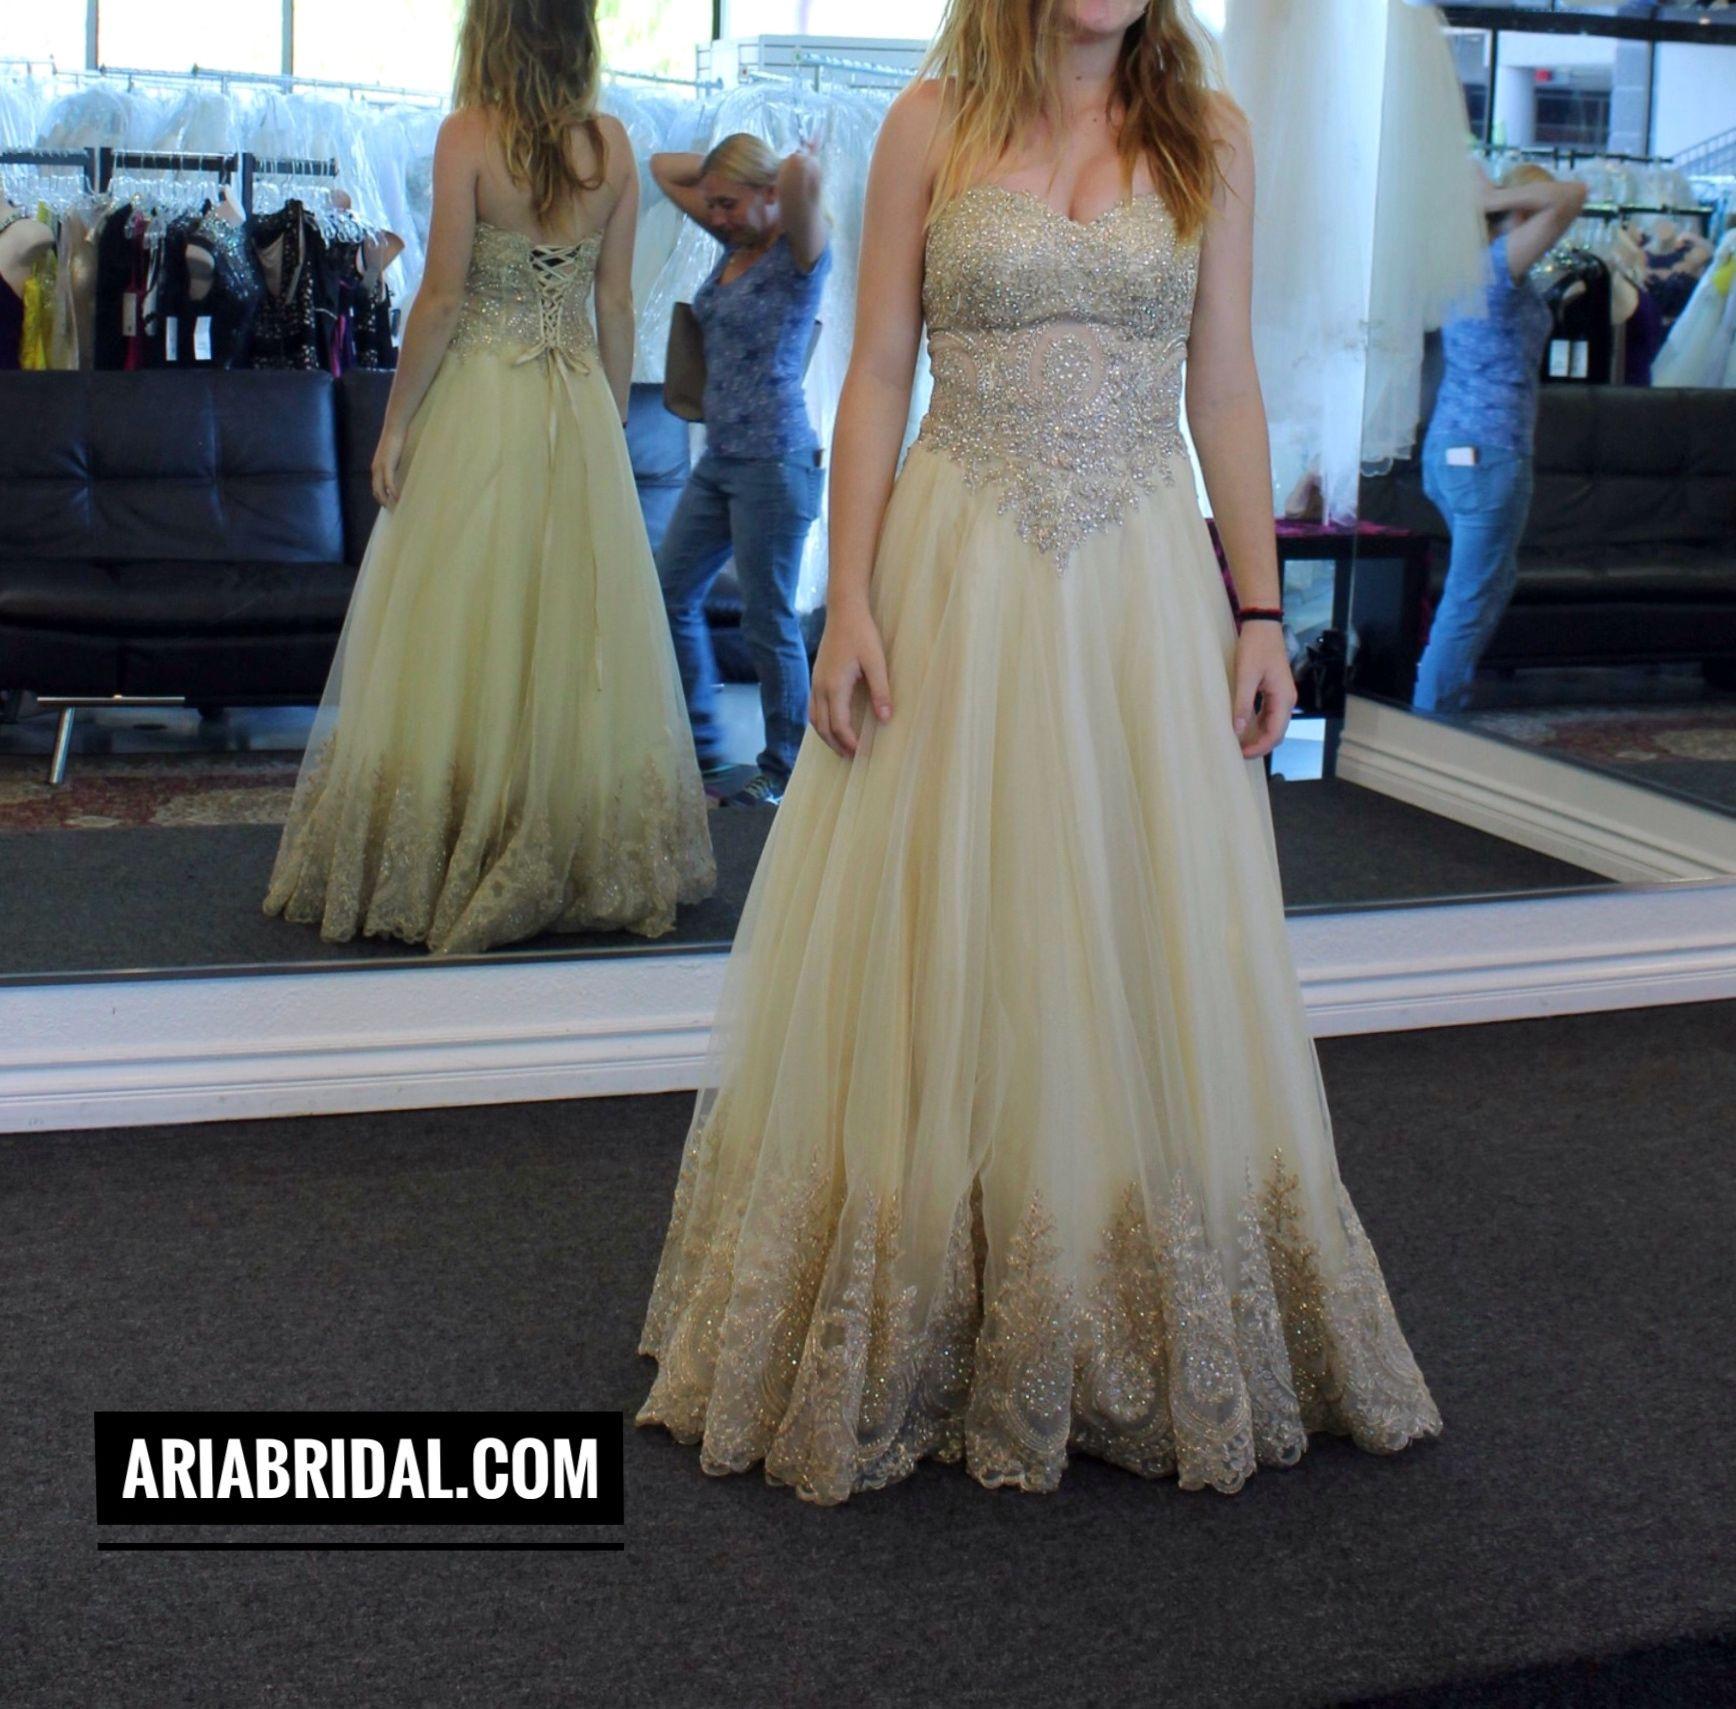 Wedding Gowns San Diego  Wedding Dress at Aria Bridal in Escondido San Diego